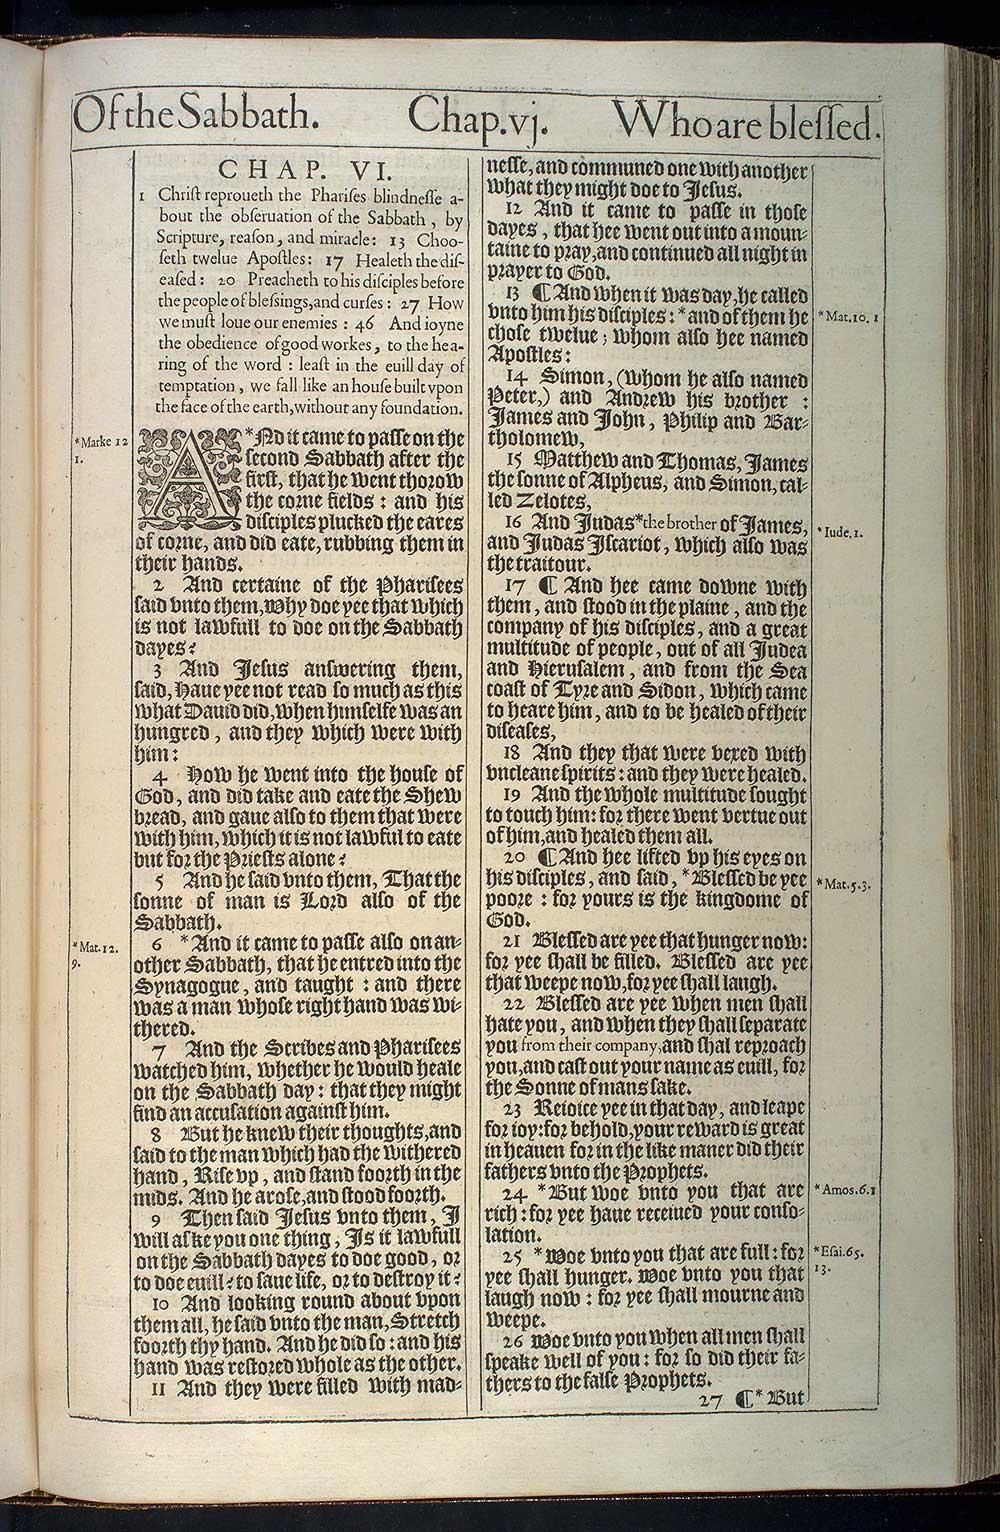 Luke Chapter 6 Original 1611 Bible Scan